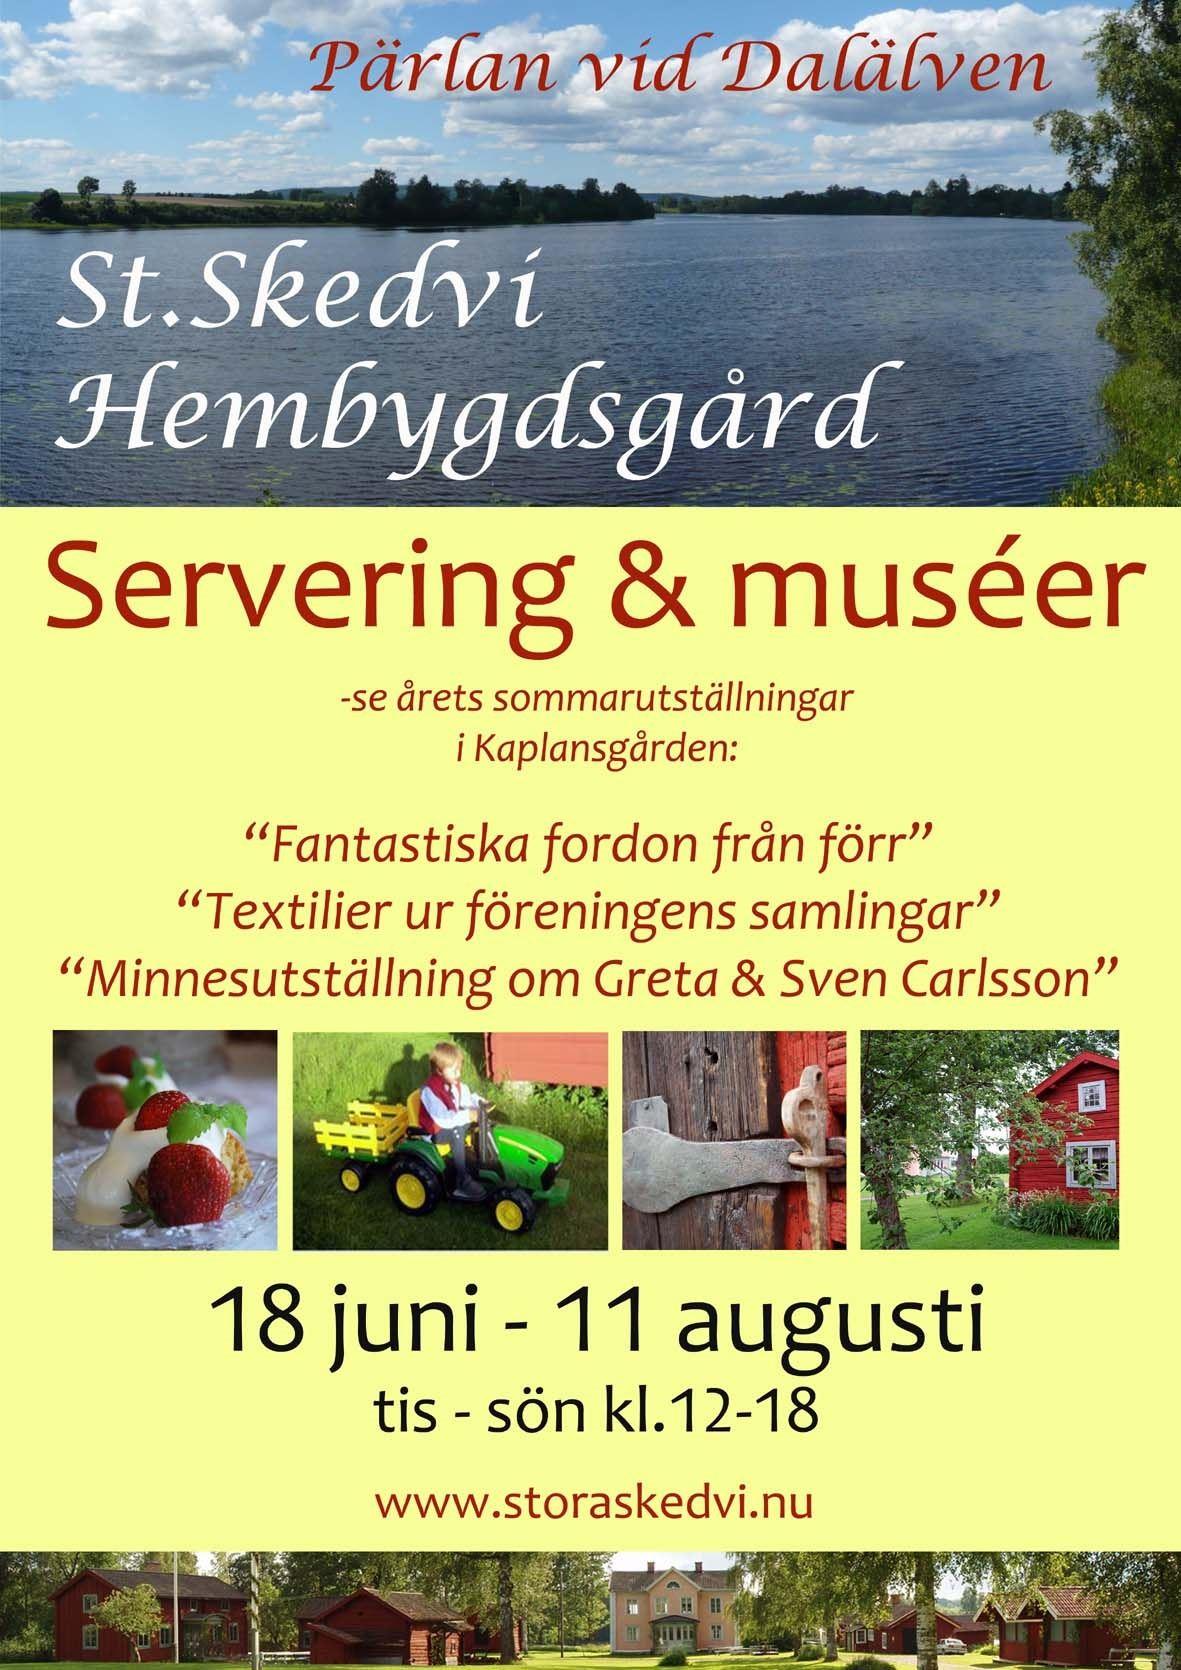 Sommarutställningar i Kaplansgården, St. Skedvi